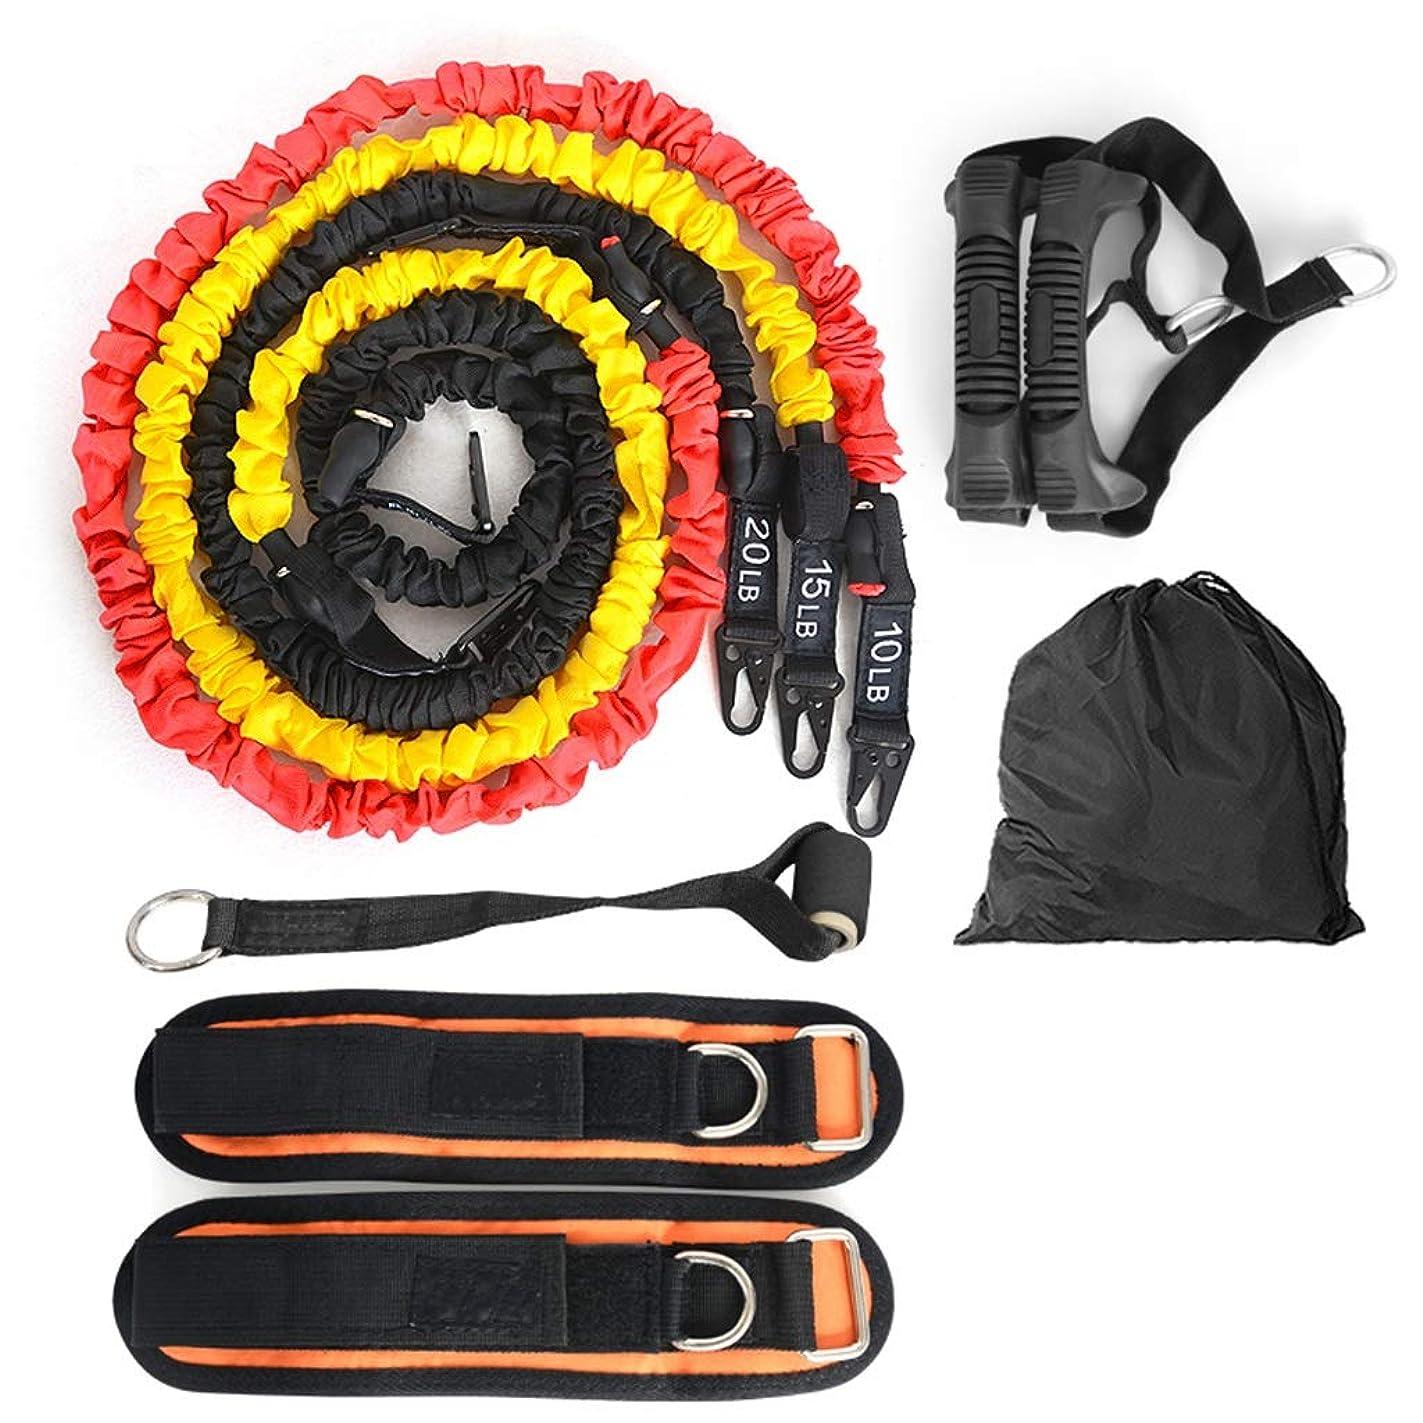 委任安全でないハシー多機能ワードロープの男性と女性のフィットネス機器の抵抗薄い腕のトレーニング弾性ロープ弾性ベルトテンショナー (色 : 45 pounds)